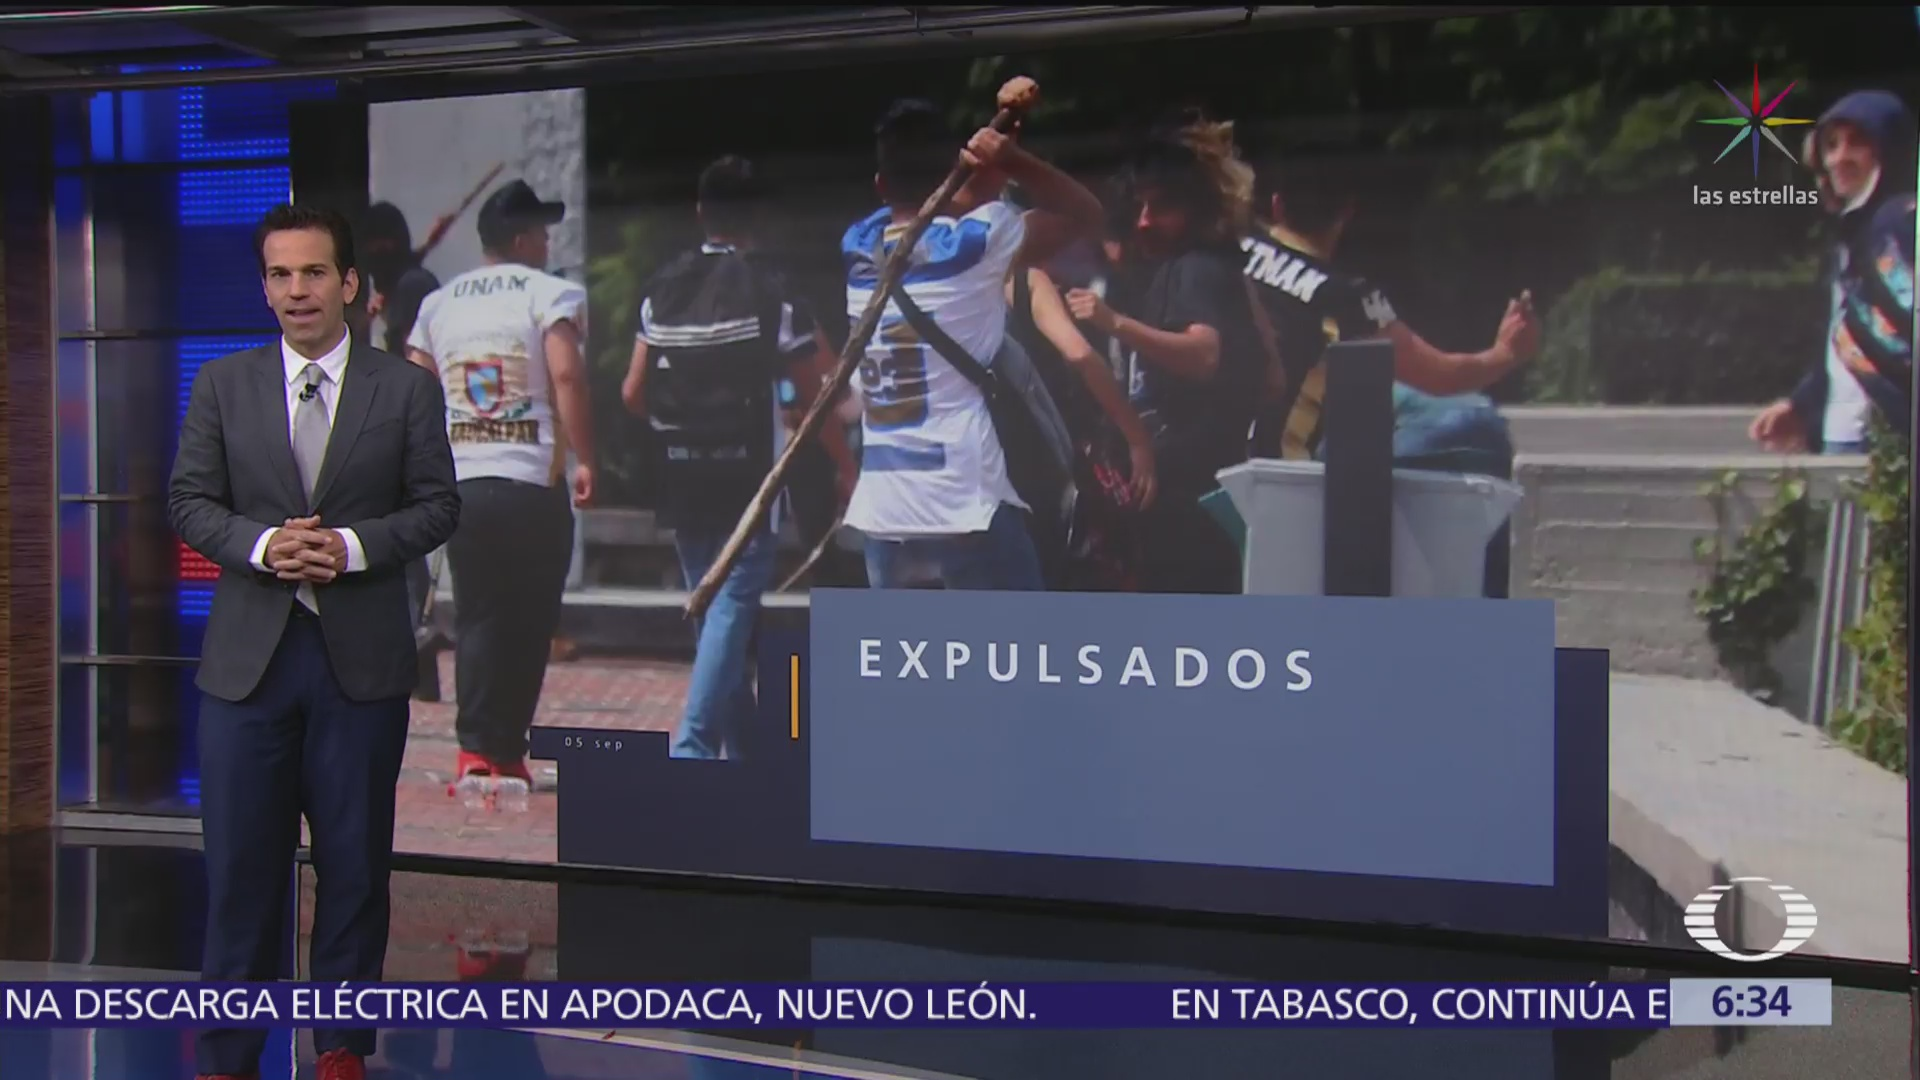 UNAM expulsa a 18 porros que infiltraron manifestación del CCH